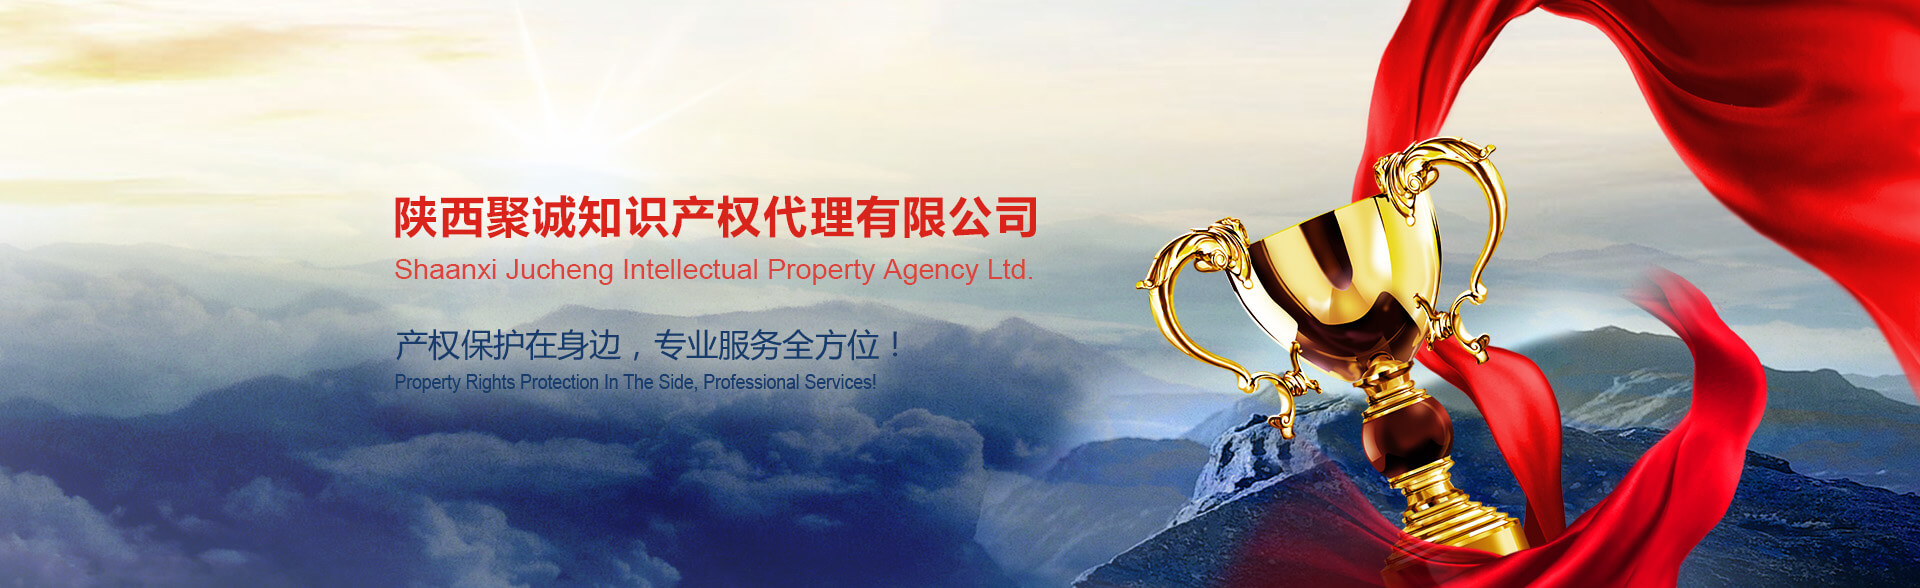 西安商标注册,西安专利申请_公司企业文化之活动掠影-青龙寺_第一张图片